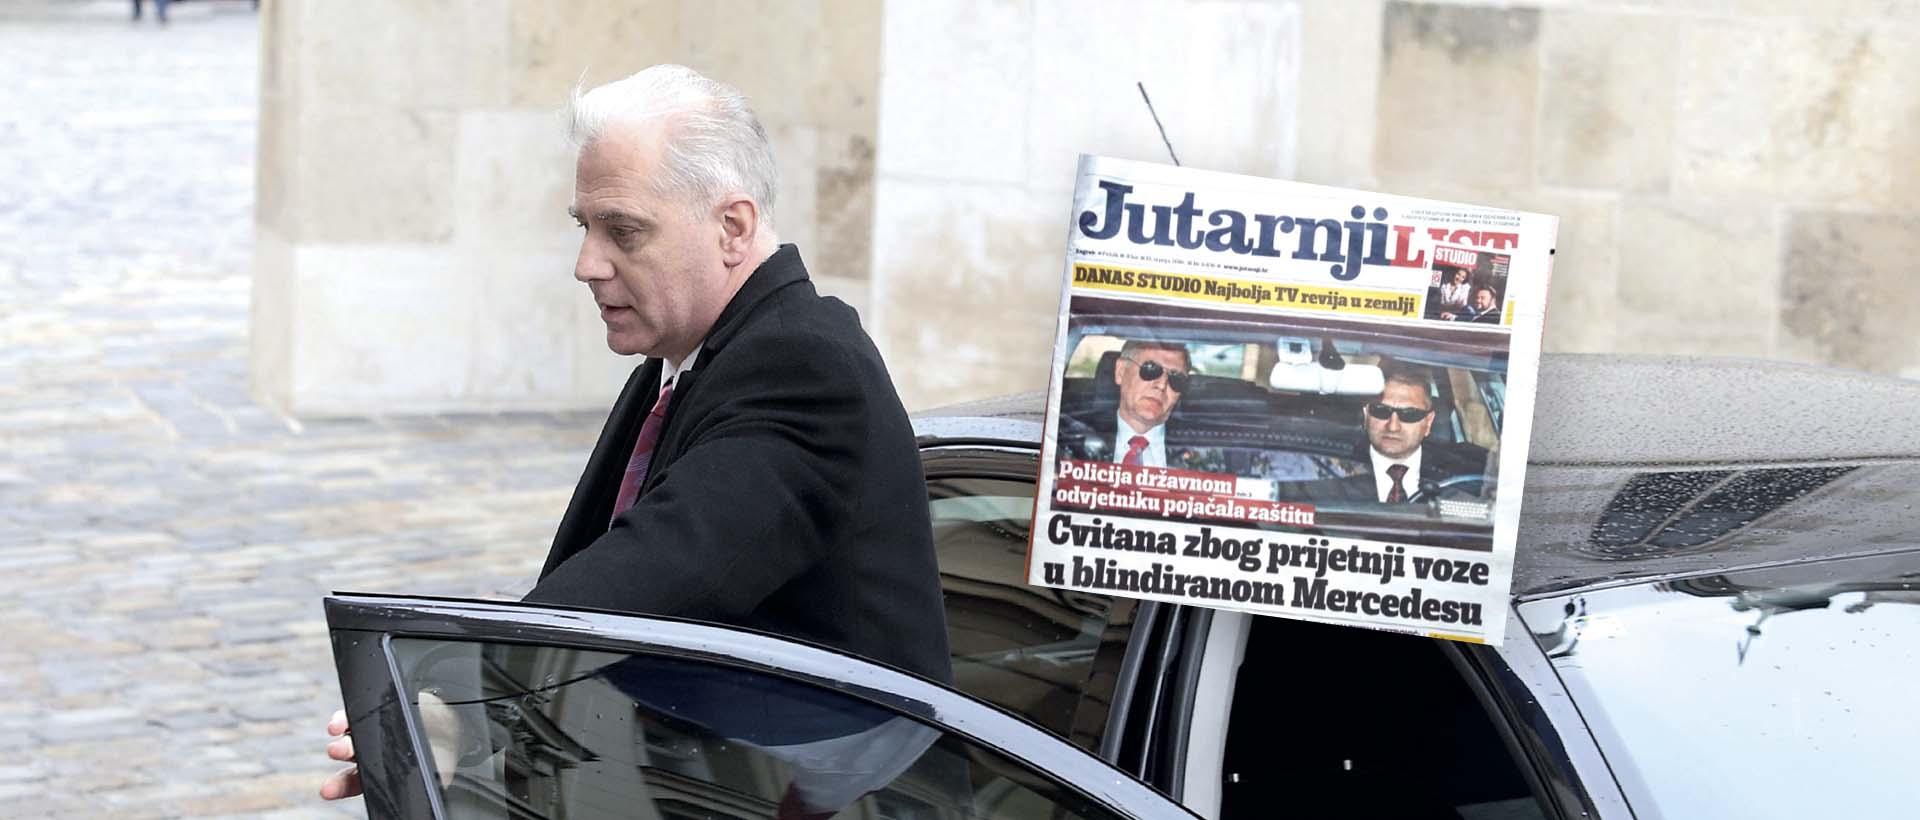 Moćni Hrvat naručio atentat na Cvitana zbog osvete